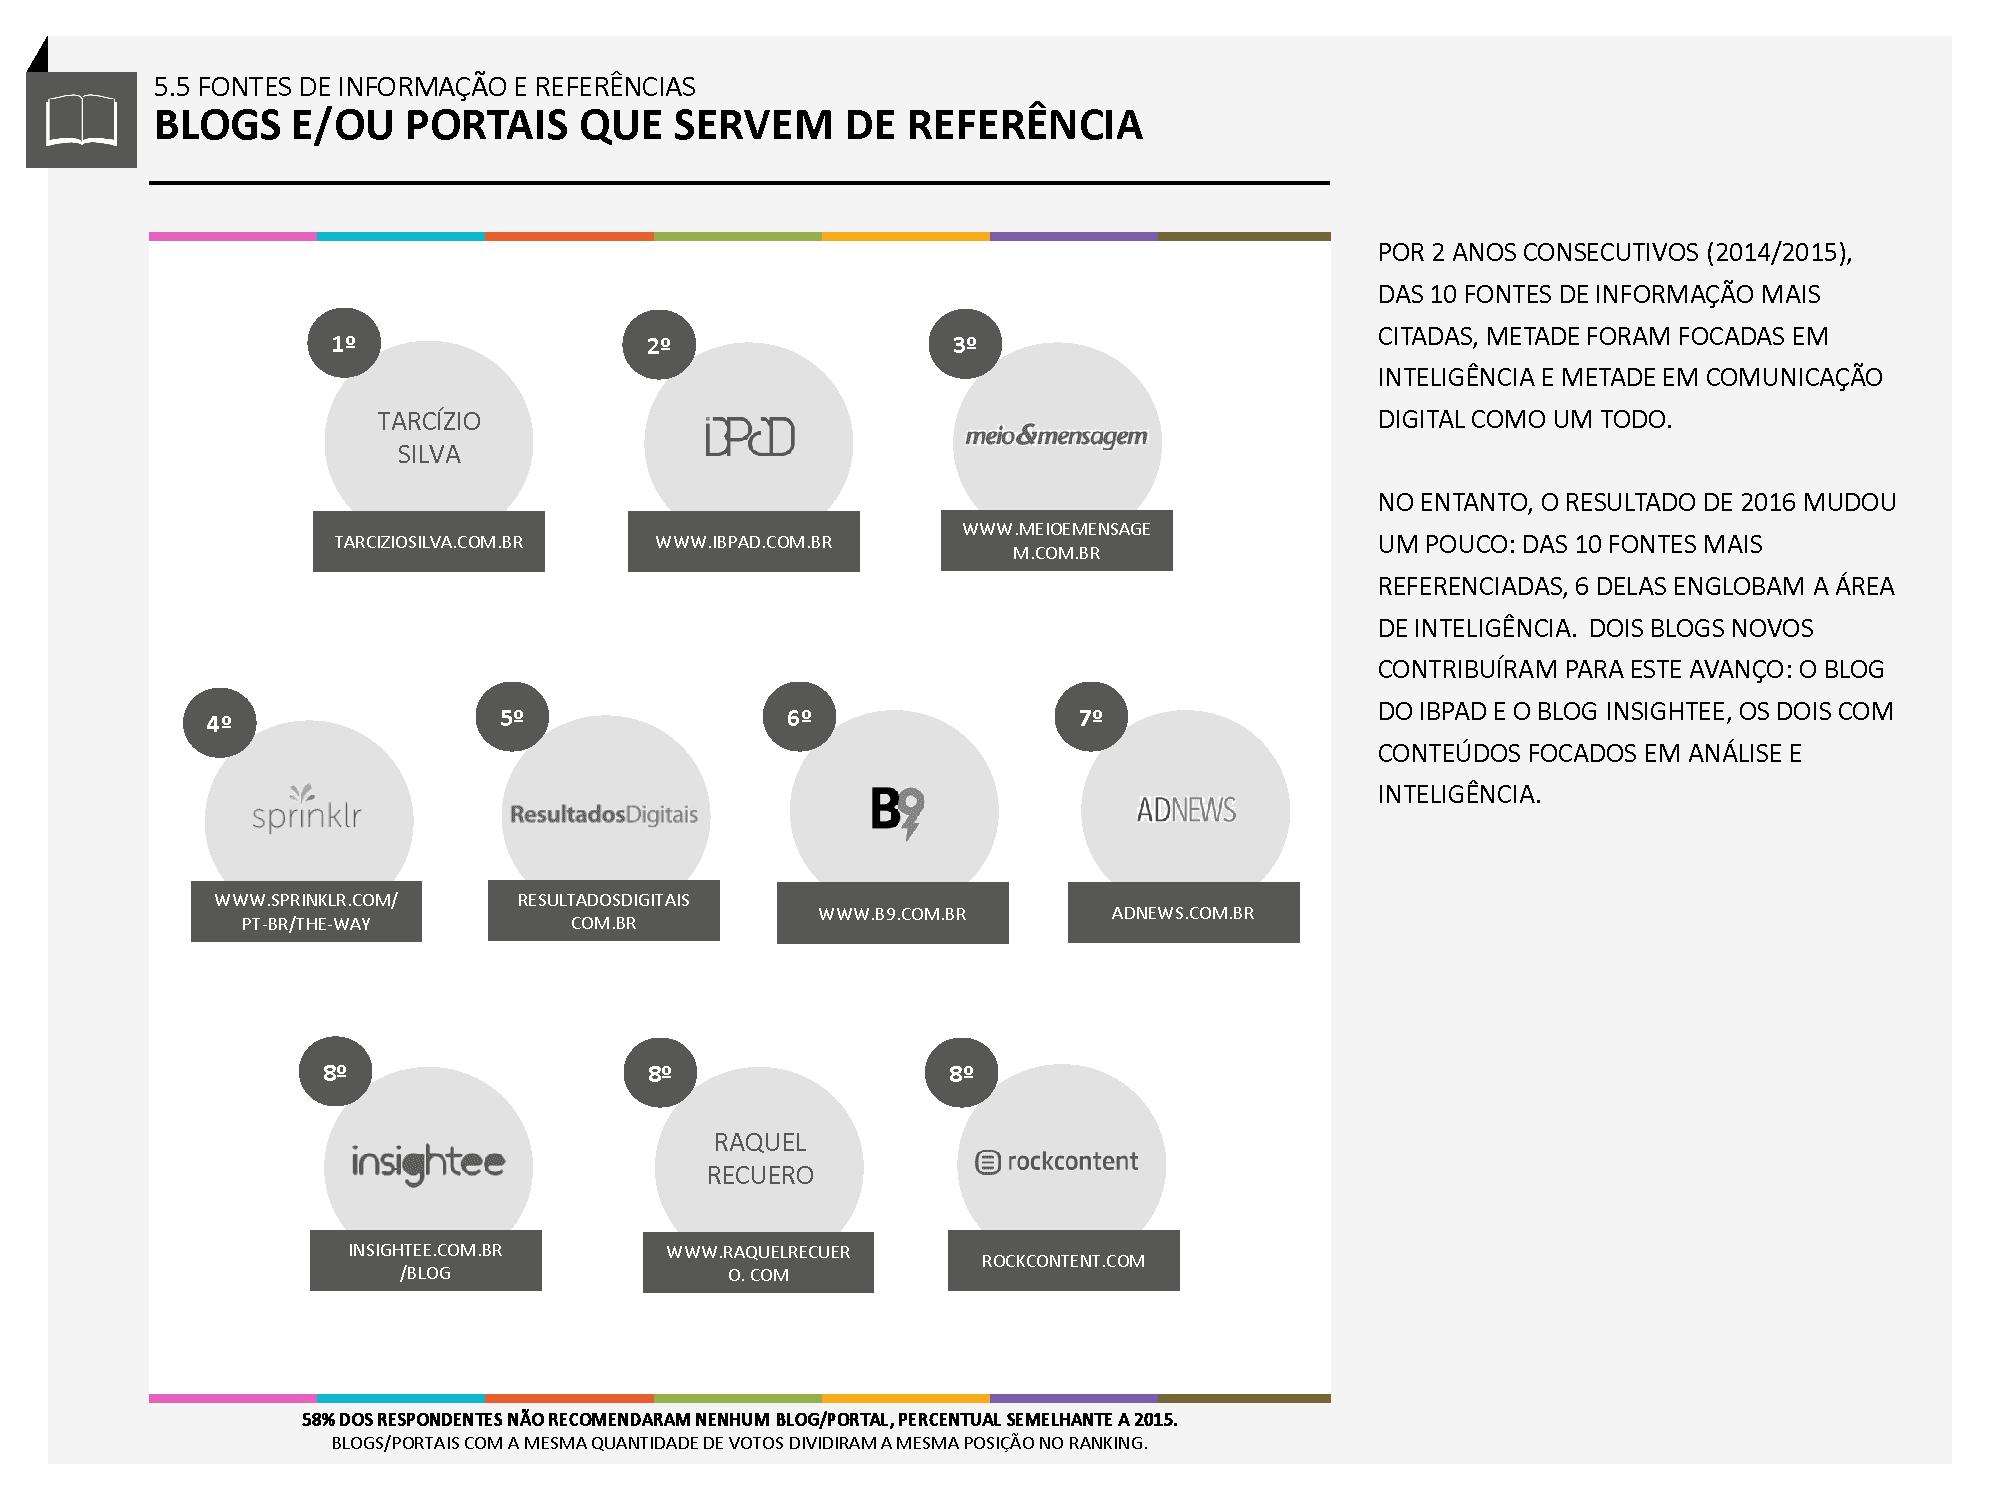 blogs-e-portais-o-profissional-de-inteligencia-de-midias-sociais-no-brasil